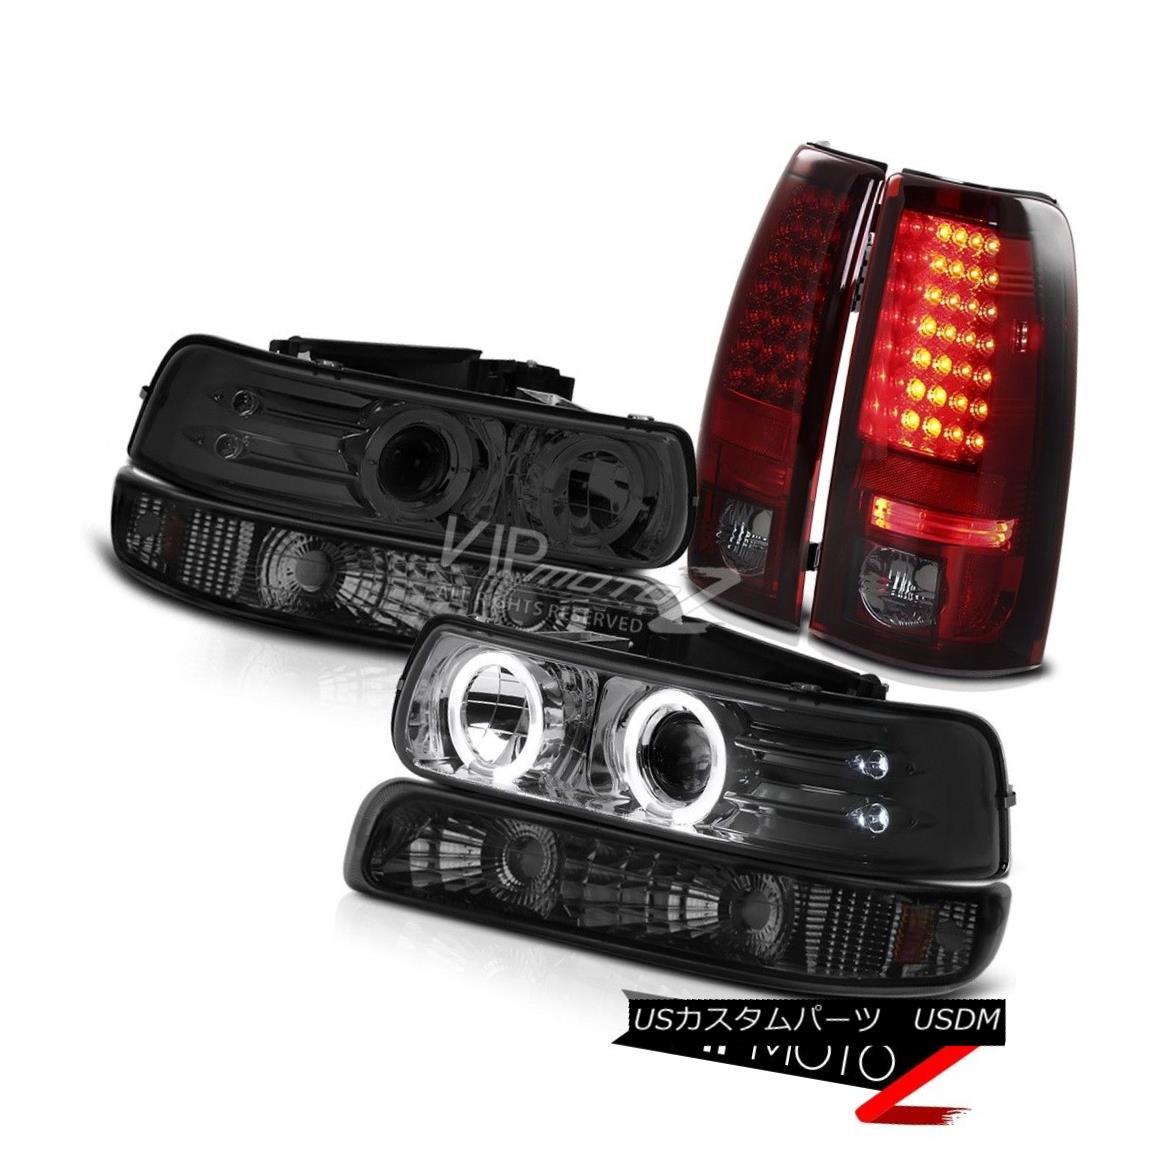 ヘッドライト 1999-2002 Silverado LS Tinted Halo Headlight Smoked Bumper Dark Brake Taillights 1999-2002シルヴァードスLSハーフヘッドライトスモークバンパーダークブレーキテールライト